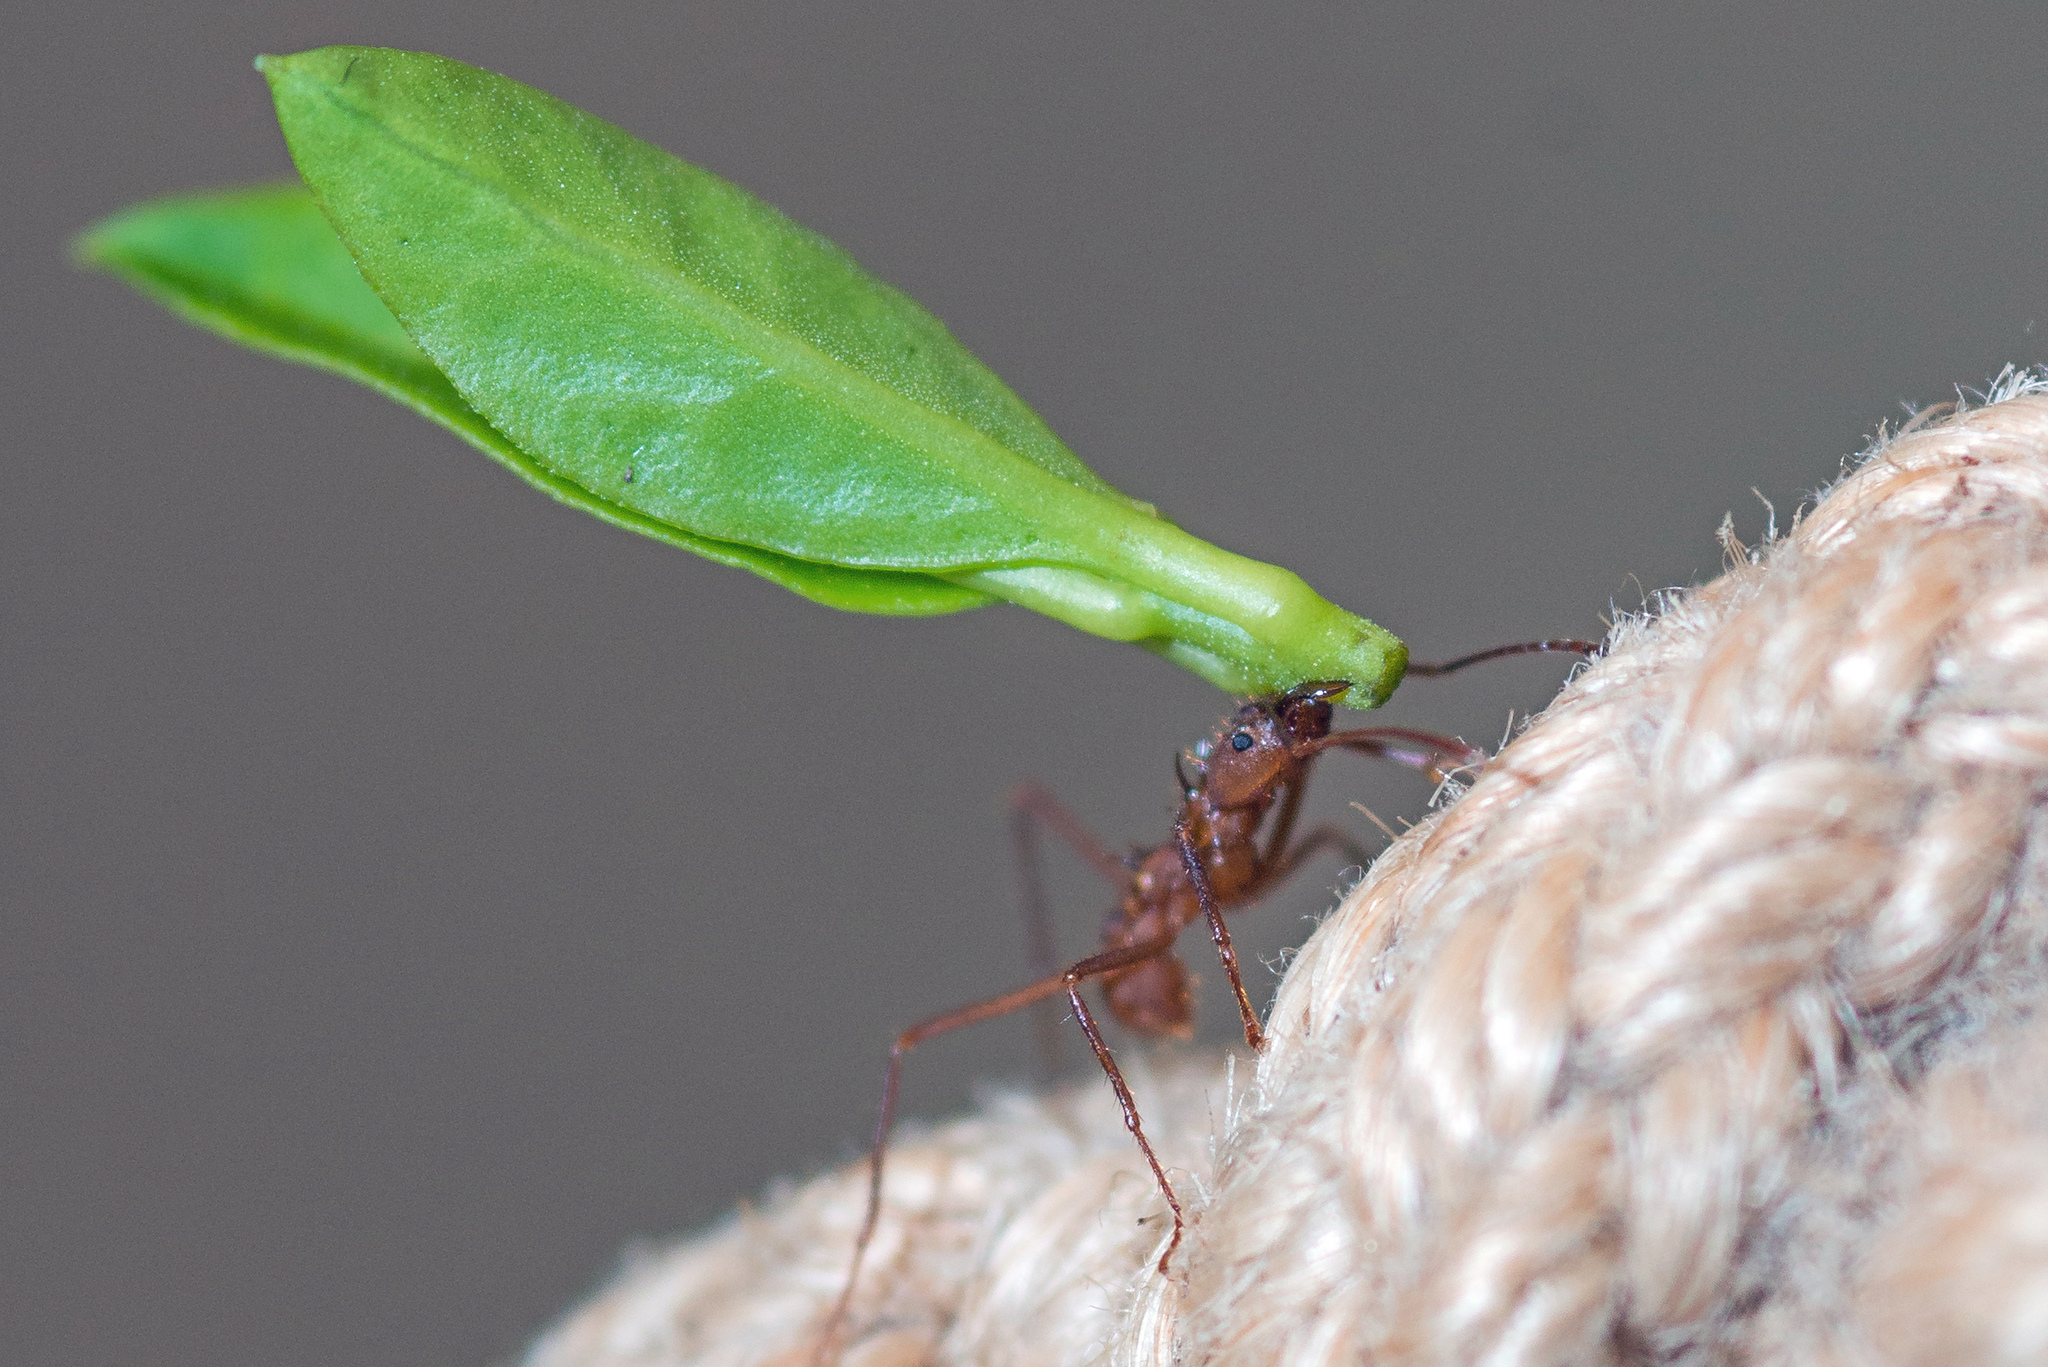 mrówki grzybiarki, mrówki parasolowe, amazonia, dżungla, owady z ameryki południowej, animalistka, mrówki hodujące grzyby